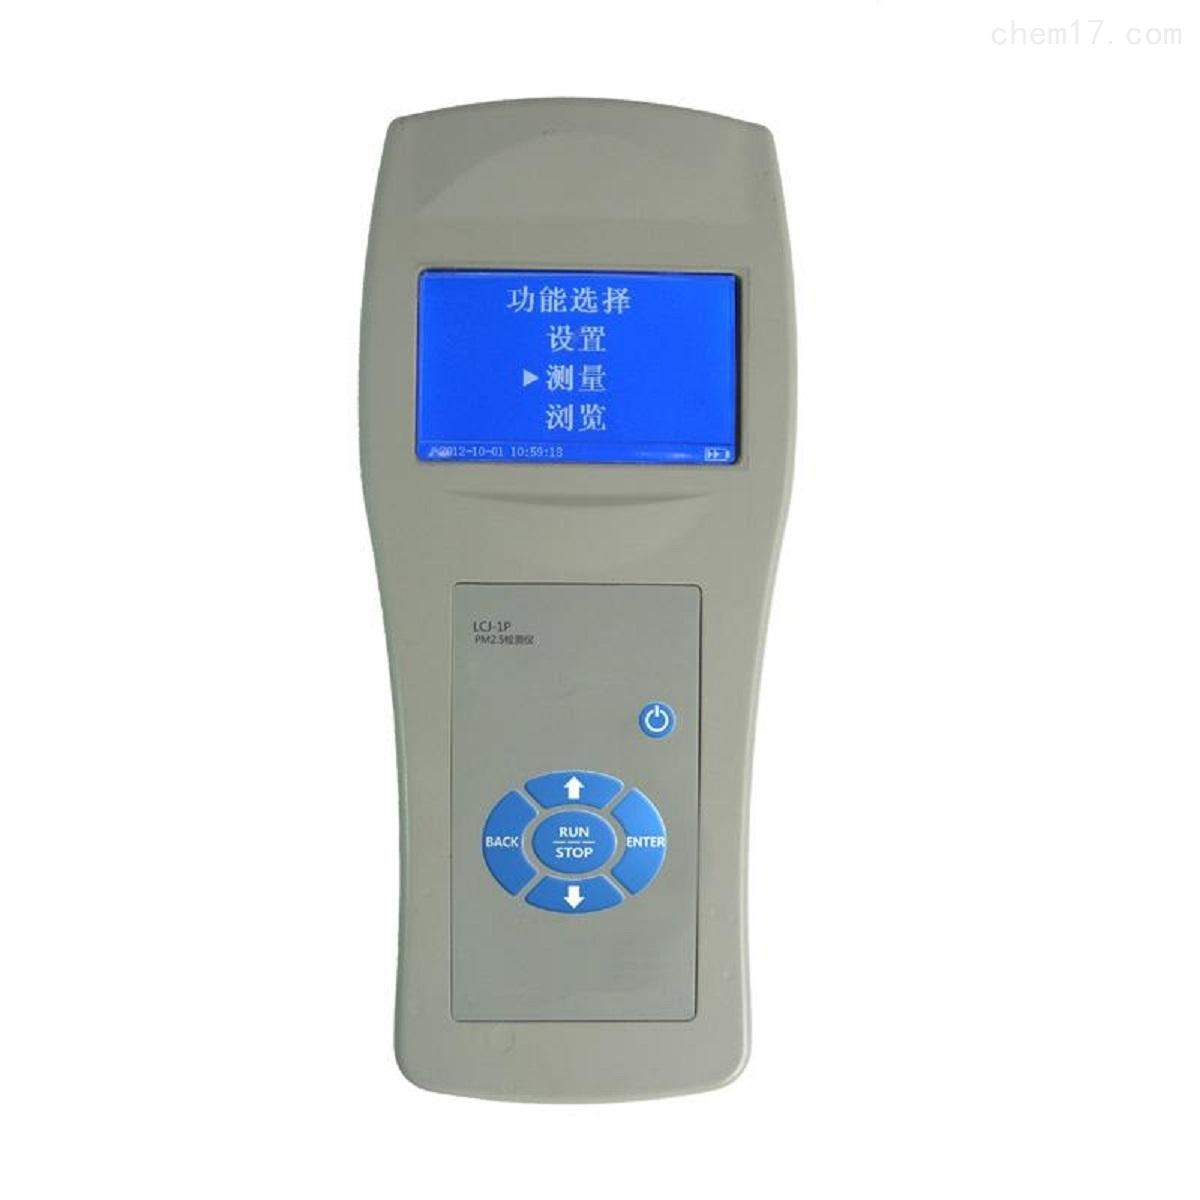 新型手持式PM2.5检测仪